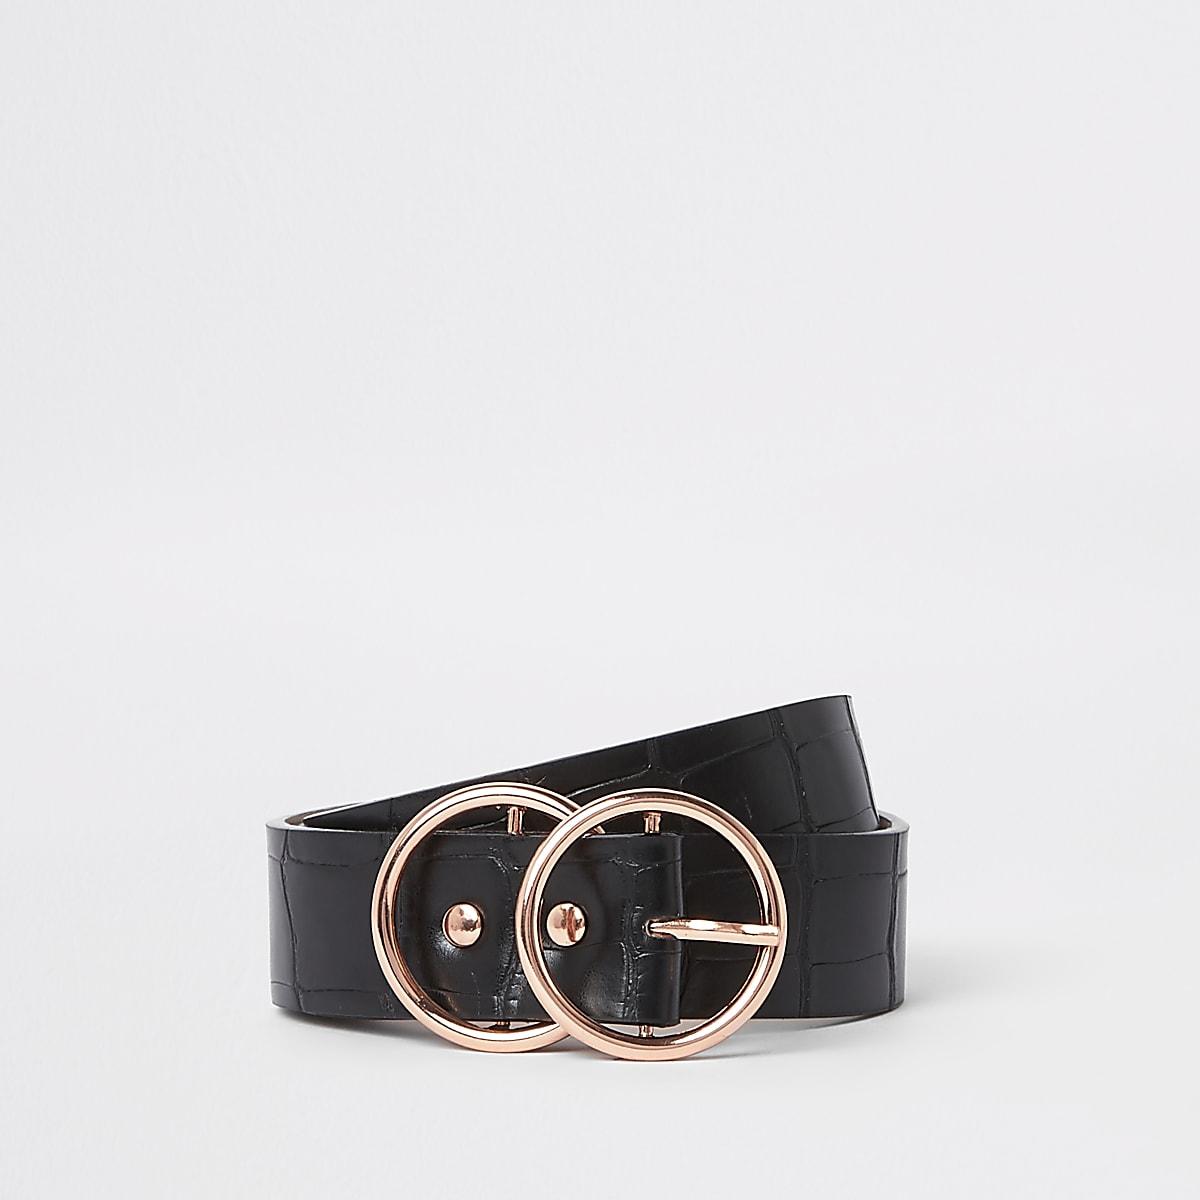 Zwarte jeansriem met krokodillenreliëf en roségoudkleurige gesp